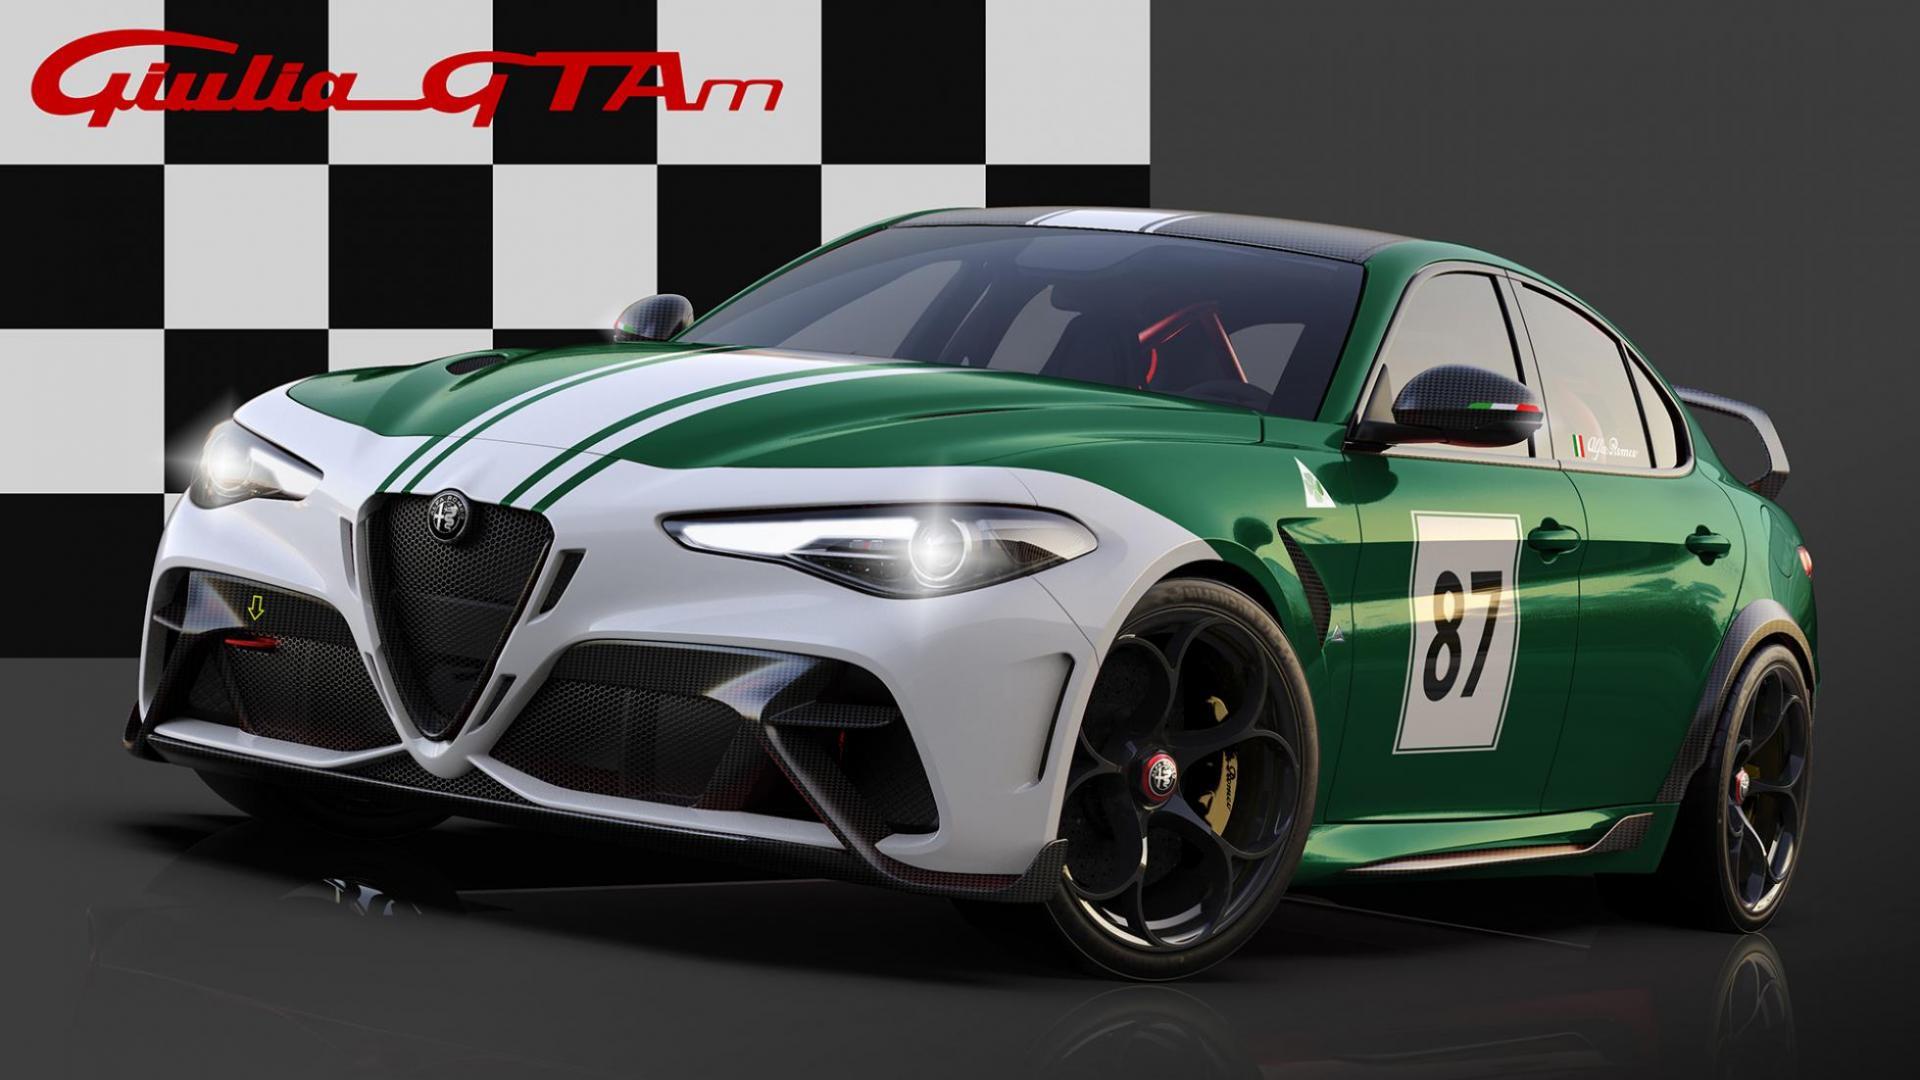 Alfa Romeo Giulia GTAm met racekleuren